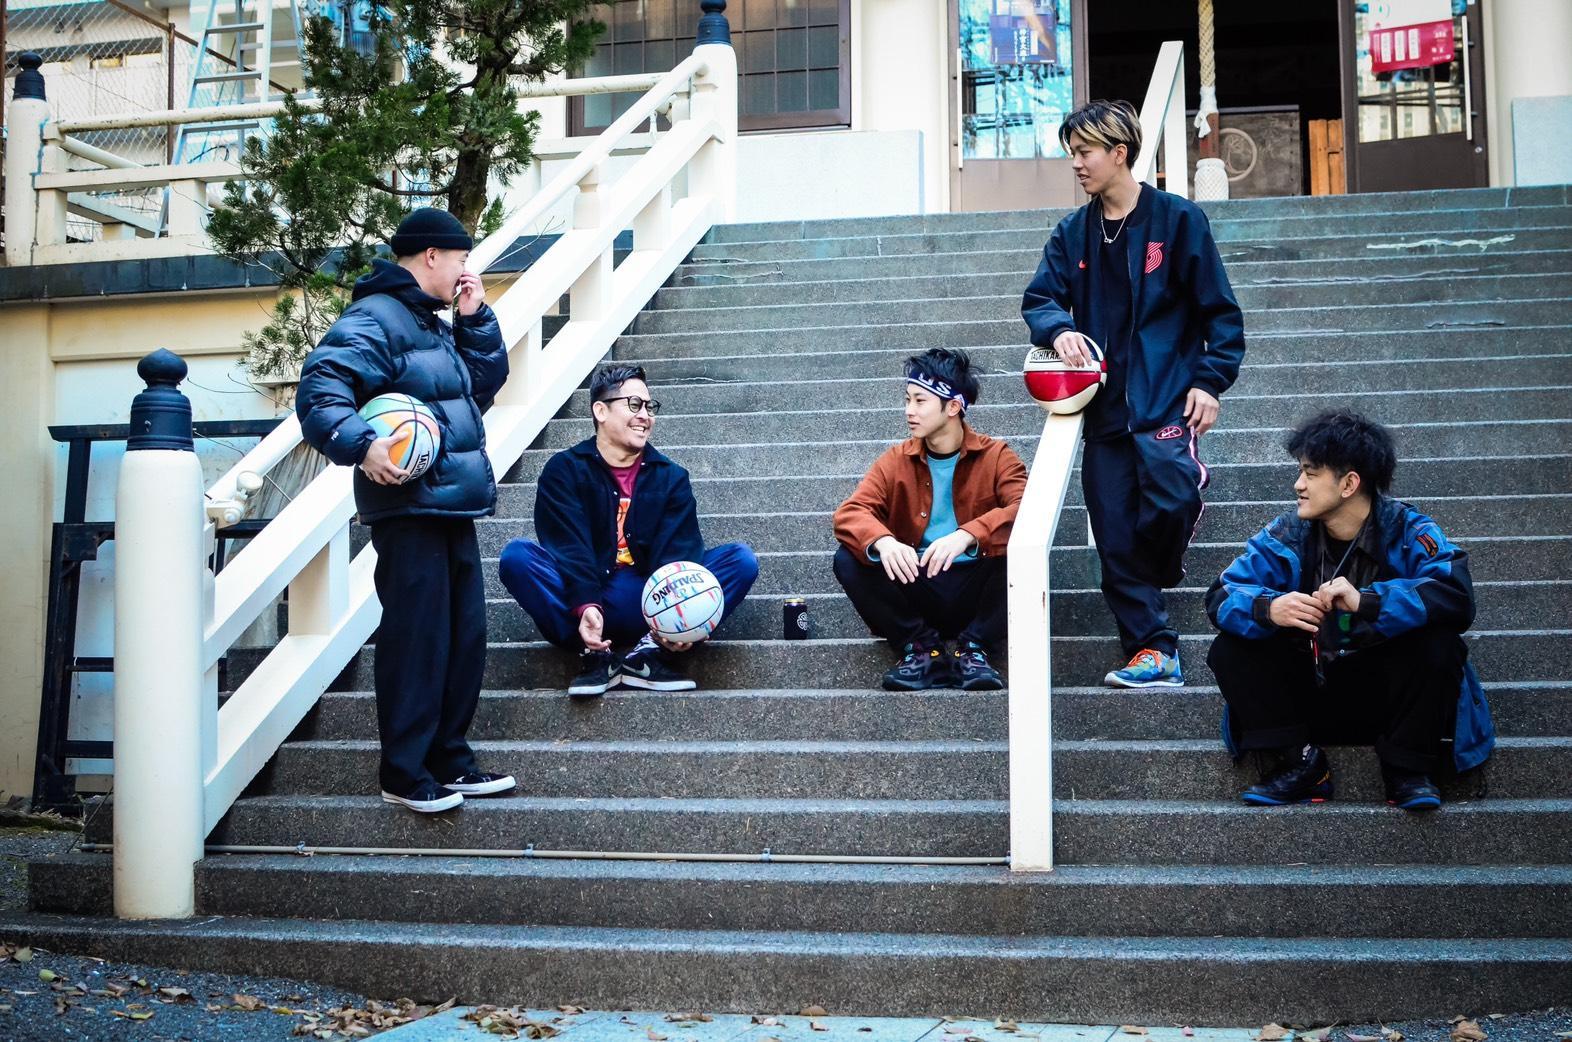 フリースタイルバスケットボールプレイヤーの紹介⑤】SHIRO | HOOPS JAPAN BASKETBALL MEDIA